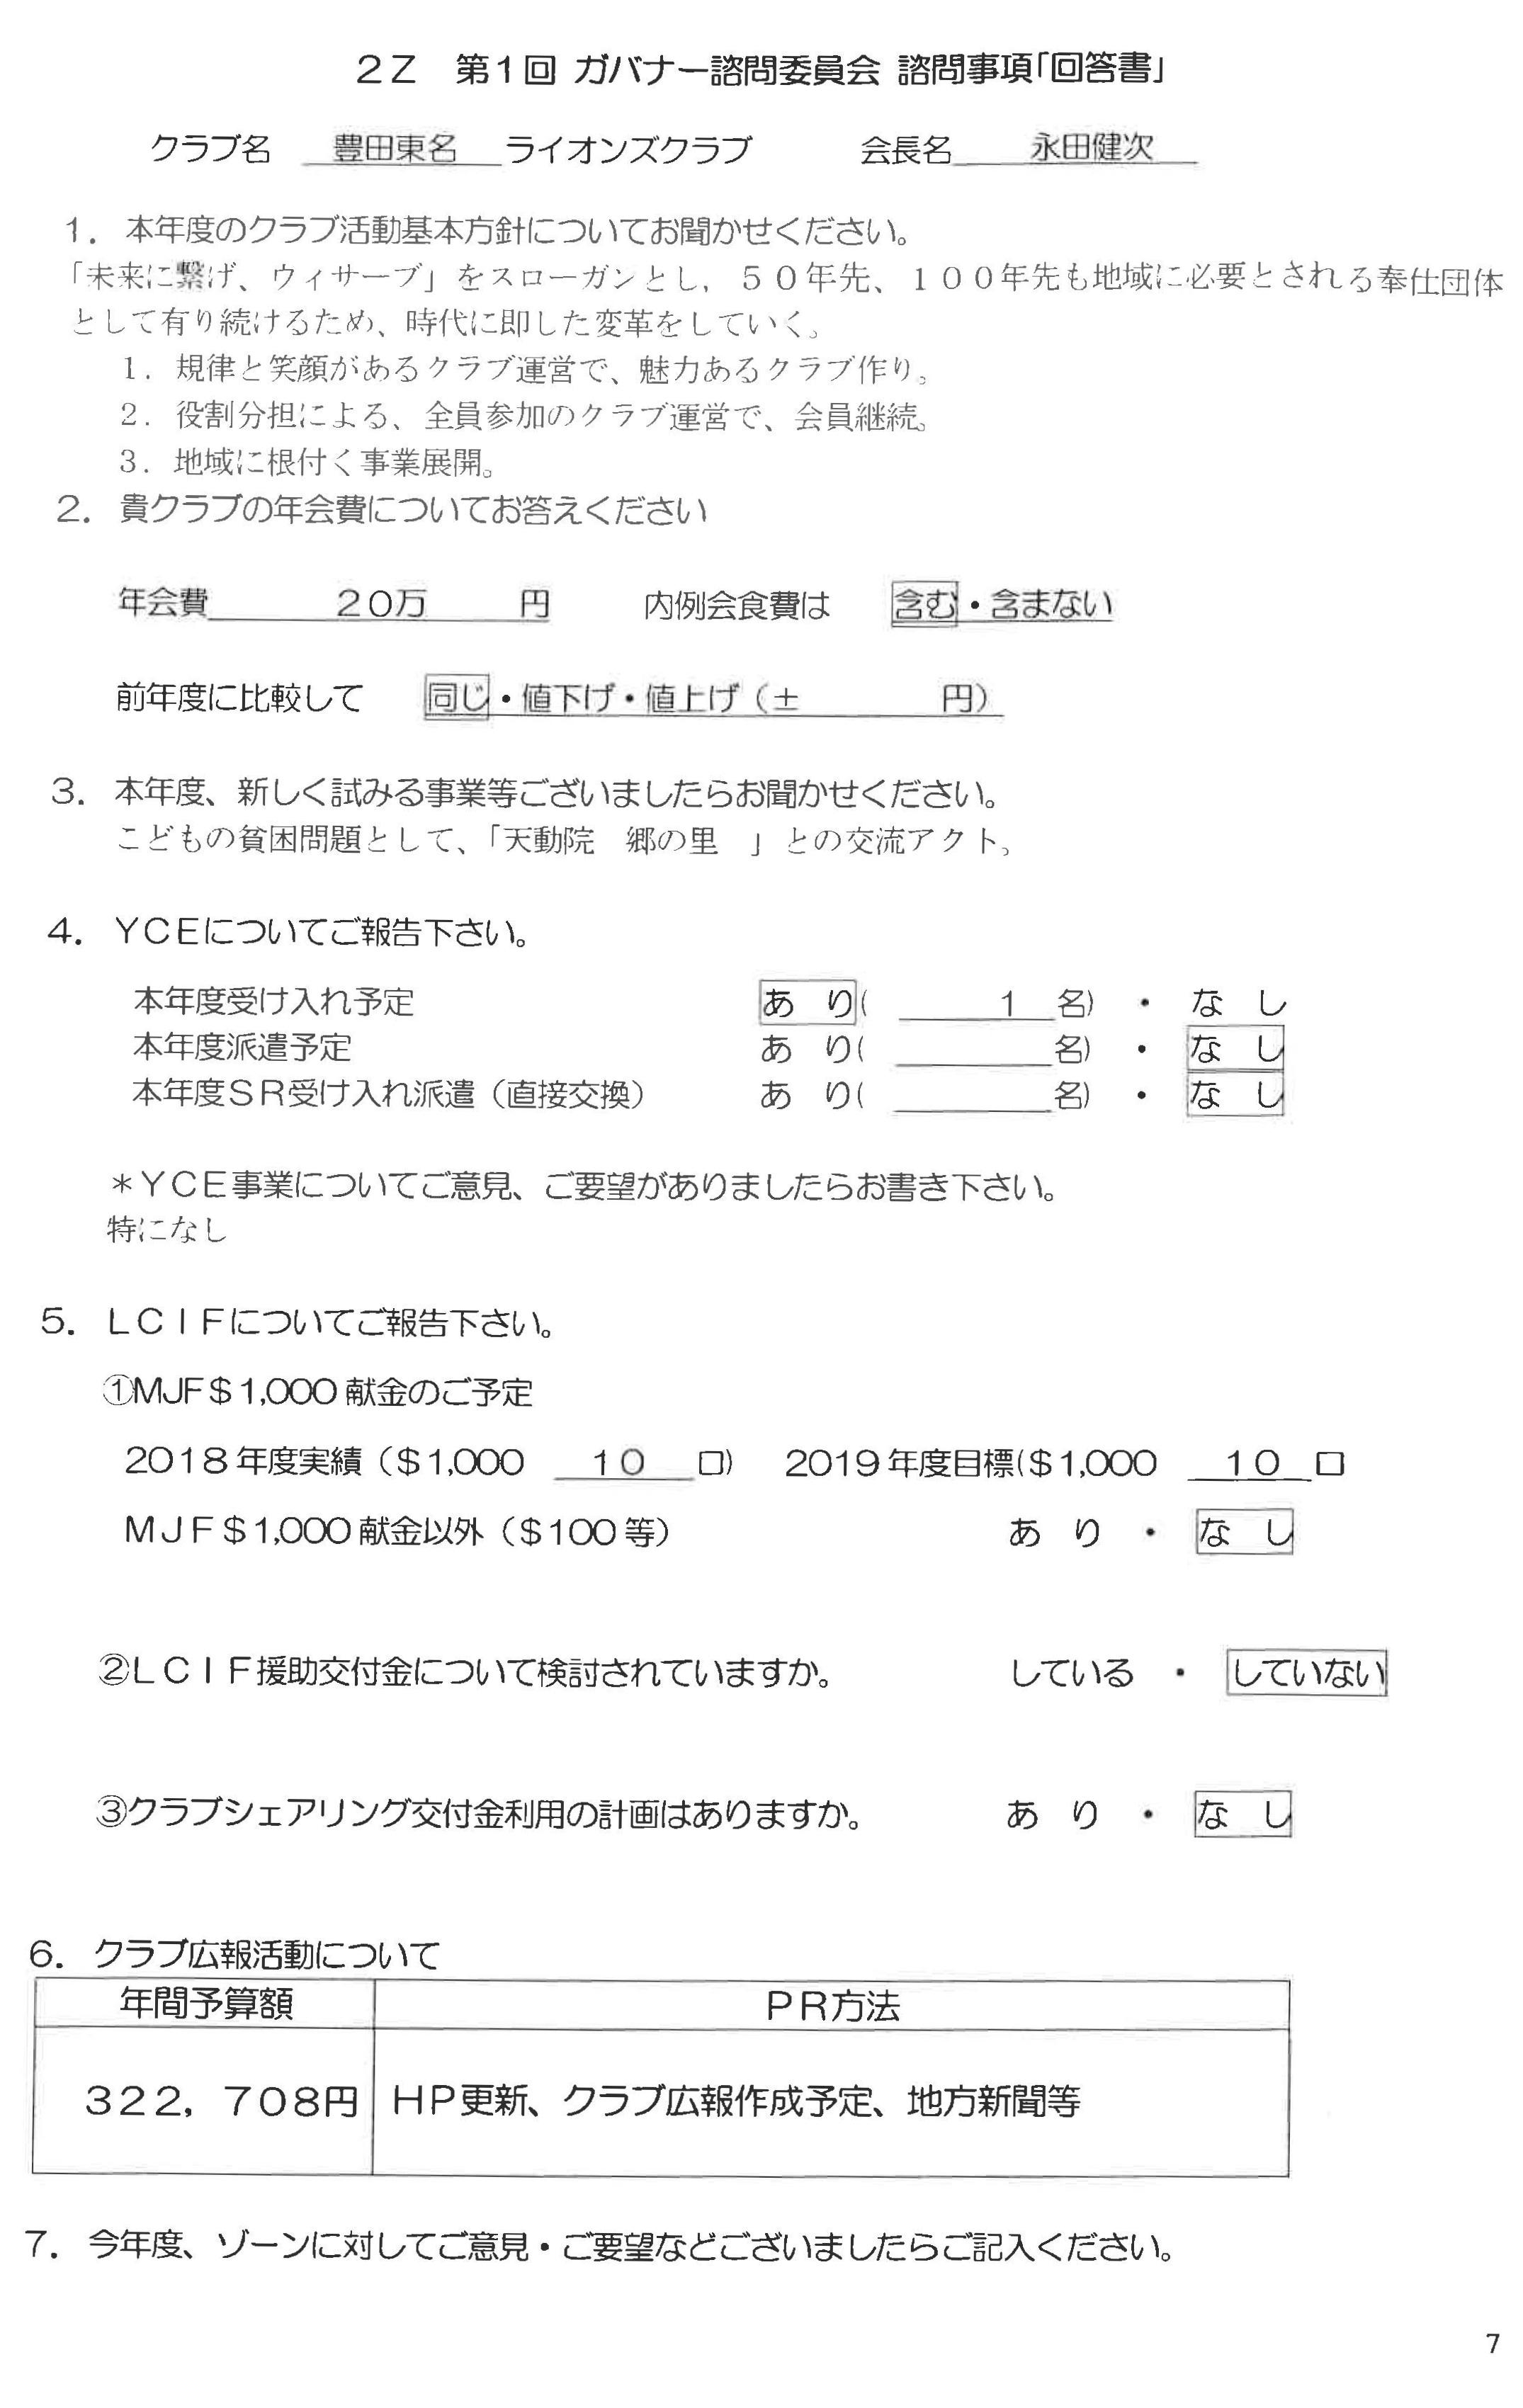 09第1回G諮問委員会Z会議 豊田東名LC諮問事項(回答書)1